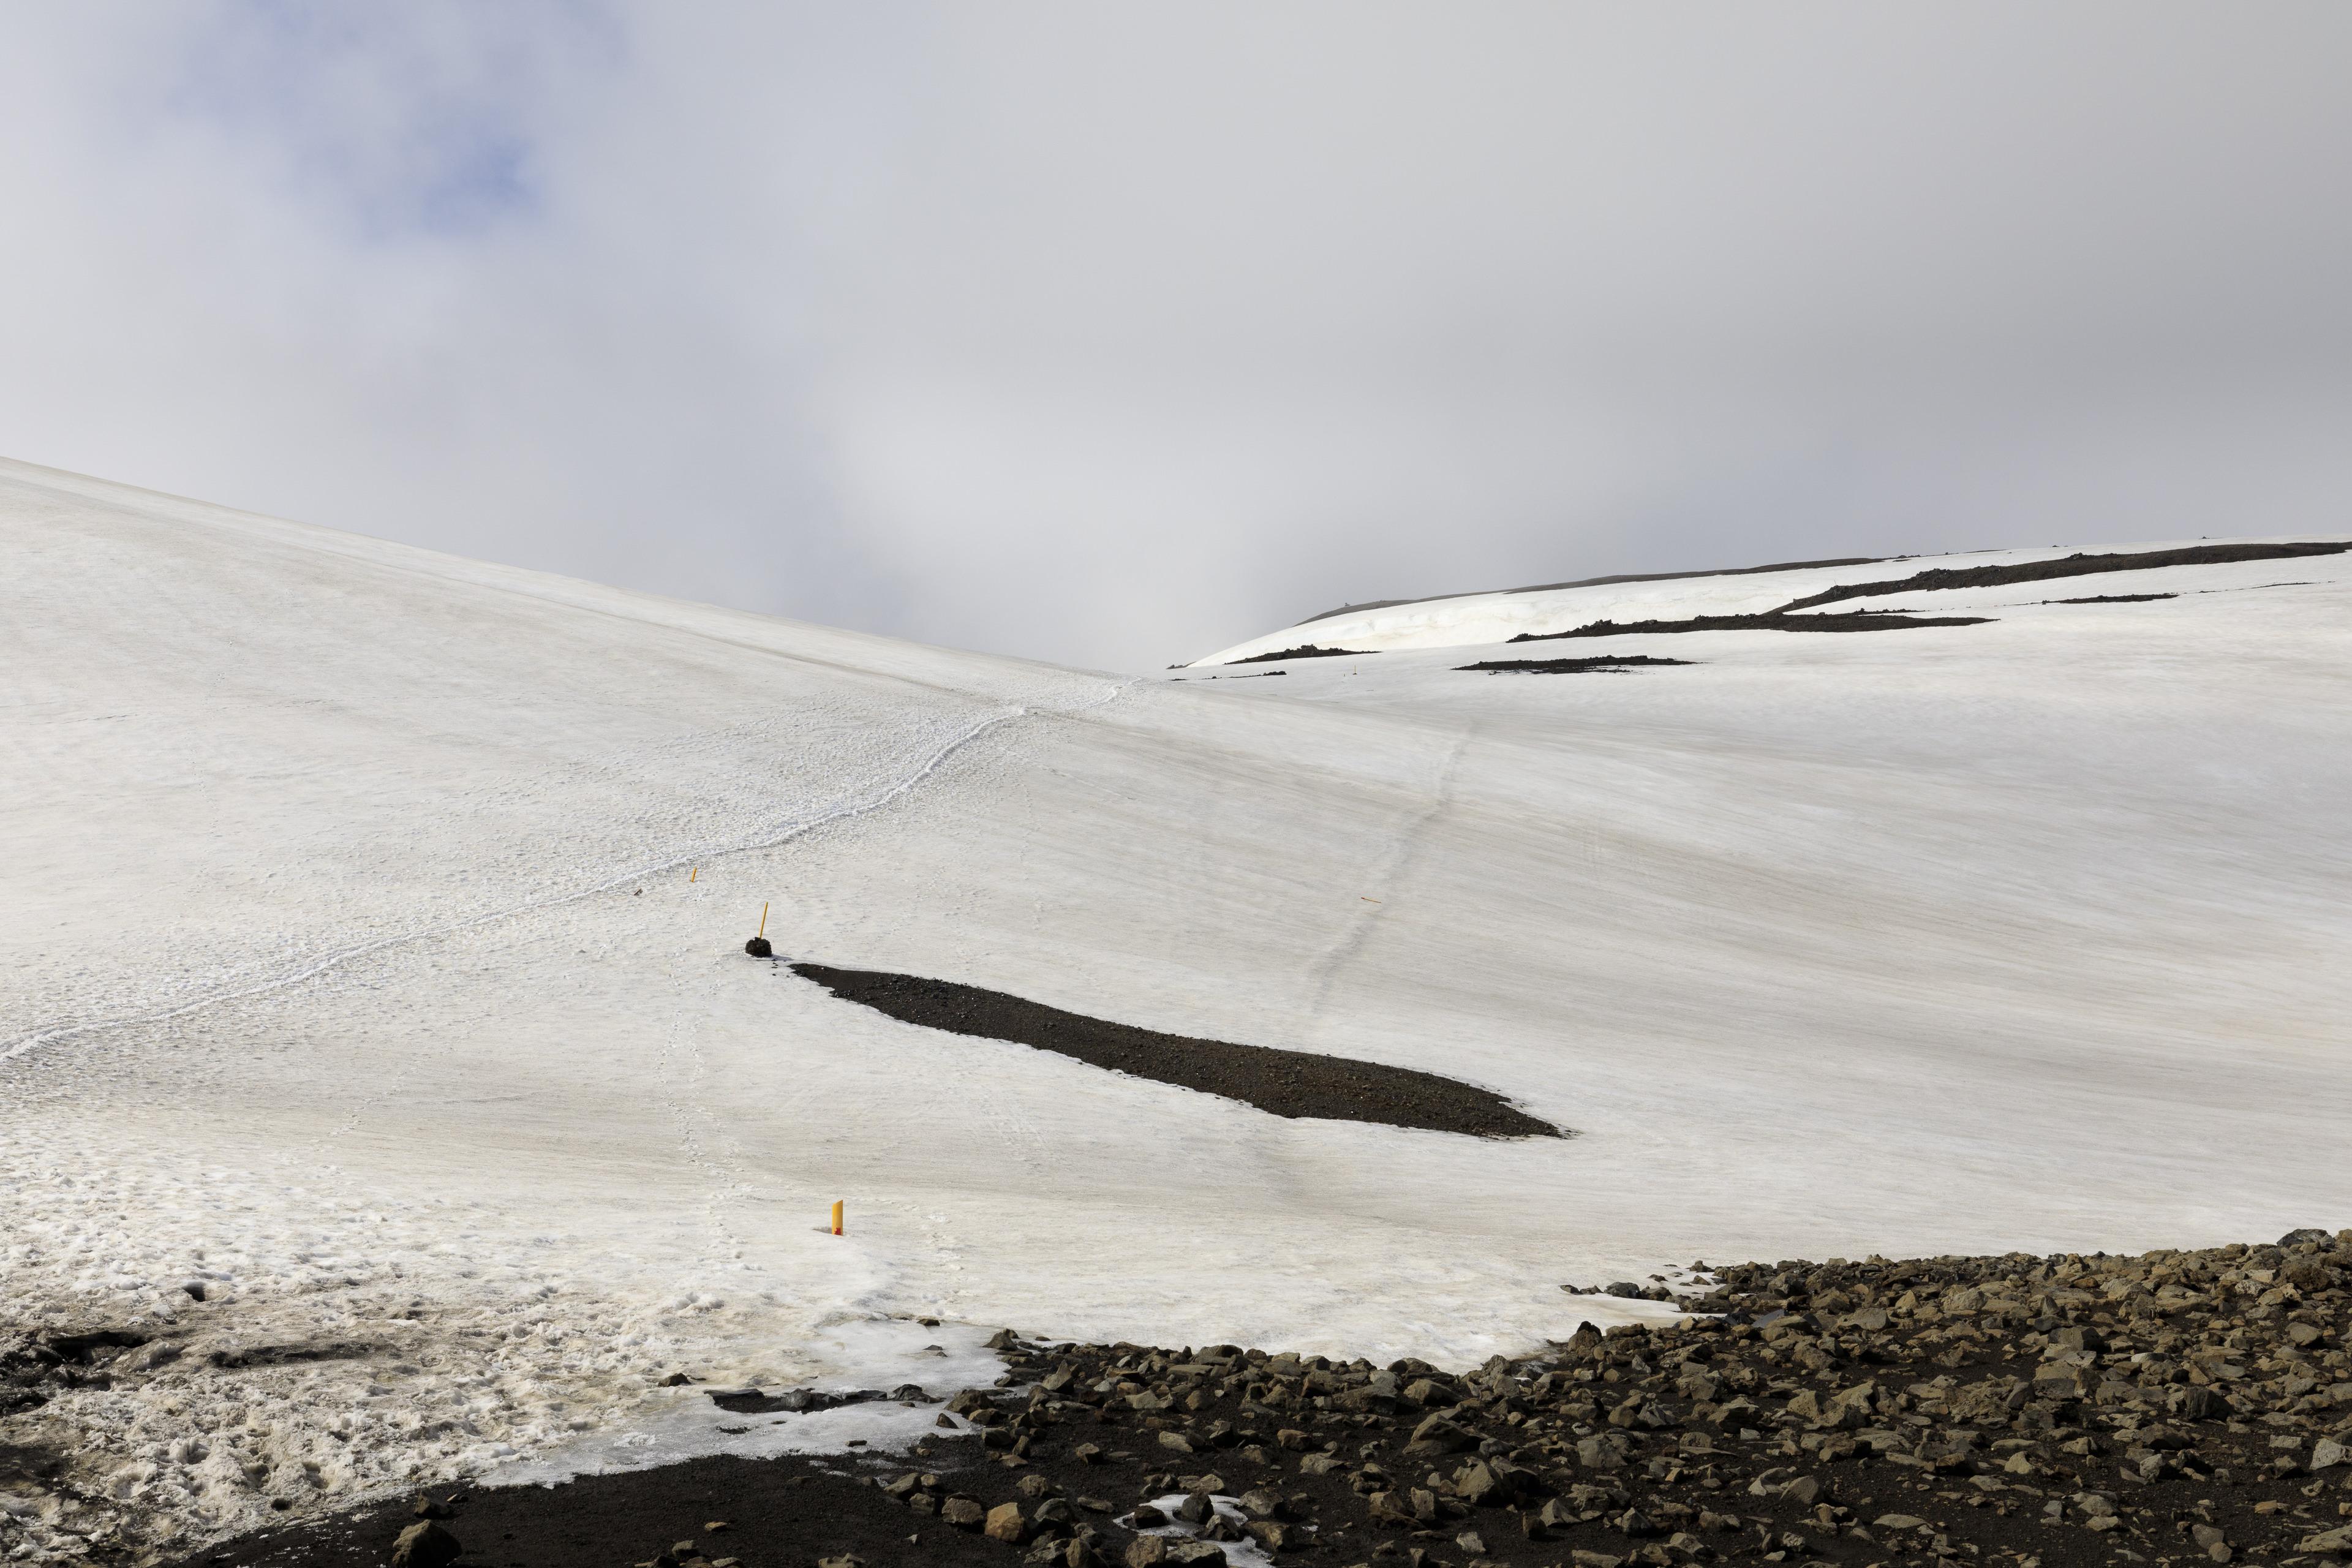 Blick zurück auf den Pass zwischen Söðull und Hrafntinnusker,©Markus Proske—Canon EOS 5D Mark IV, EF16-35mm f/4L IS USM, 35mm, 1/800s, Blende 11, ISO 200